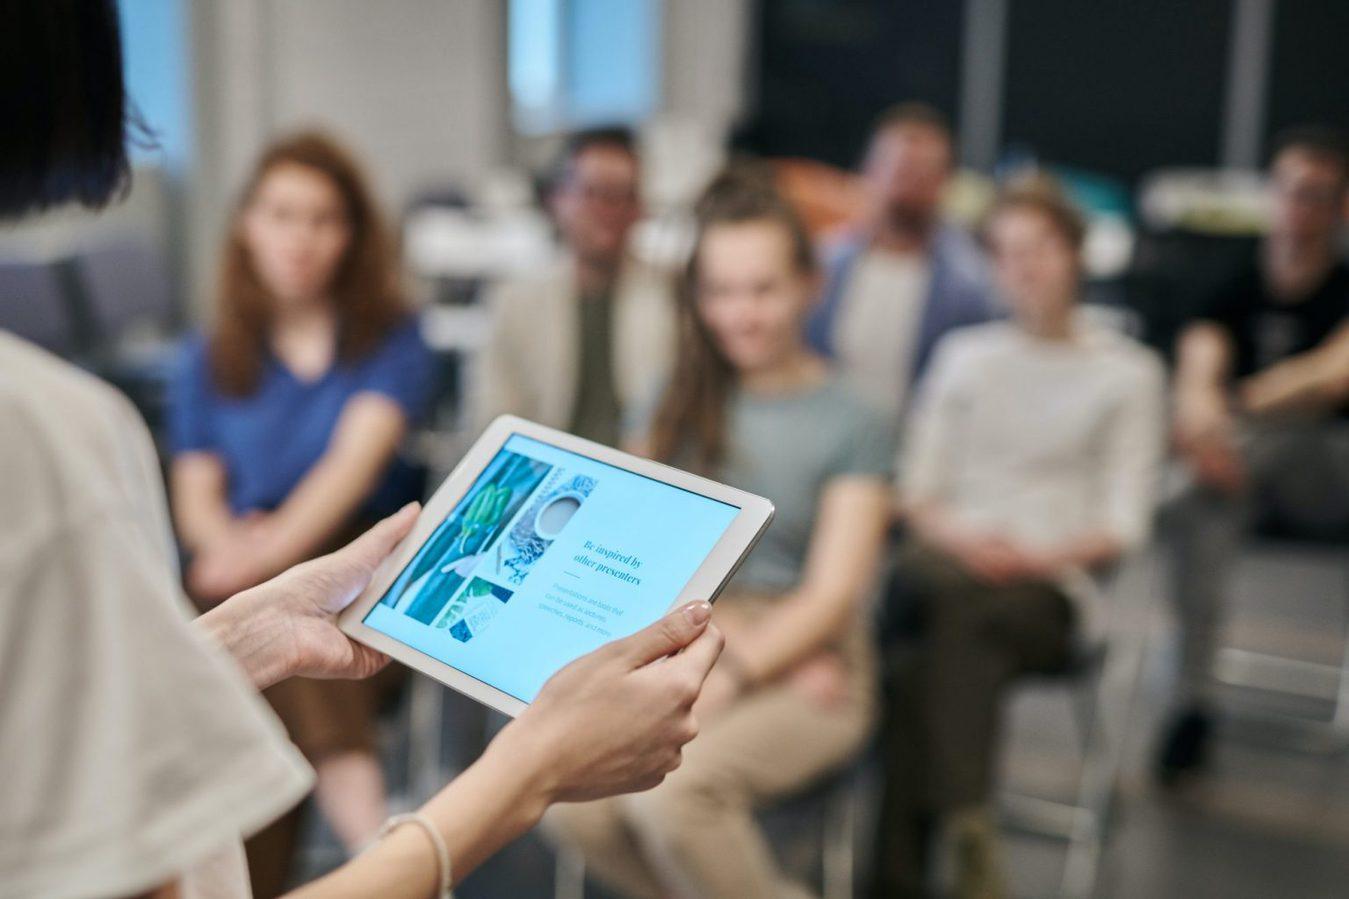 Scatto laterale di una persona che tiene un iPad in mano davanti una classe di studenti